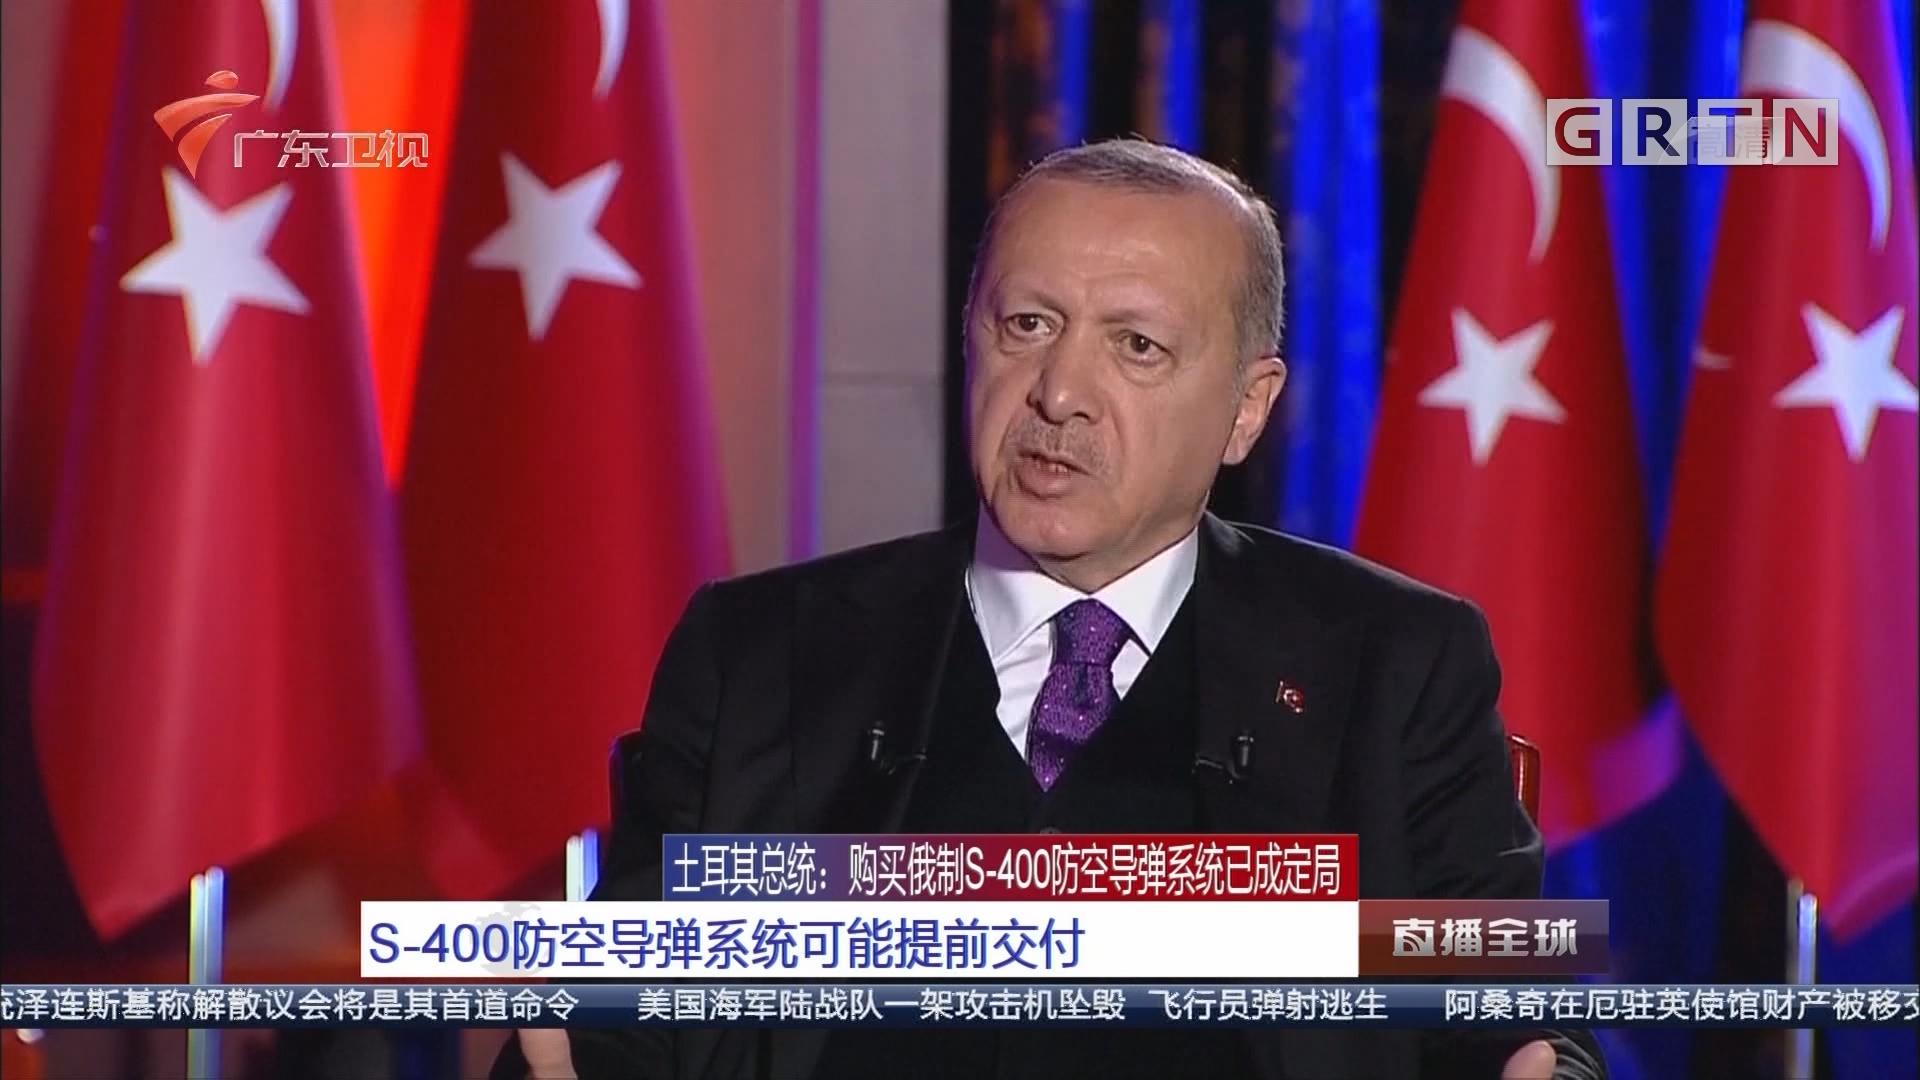 土耳其总统:购买俄制S-400防空导弹系统已成定局 S-400防空导弹系统可能提前交付